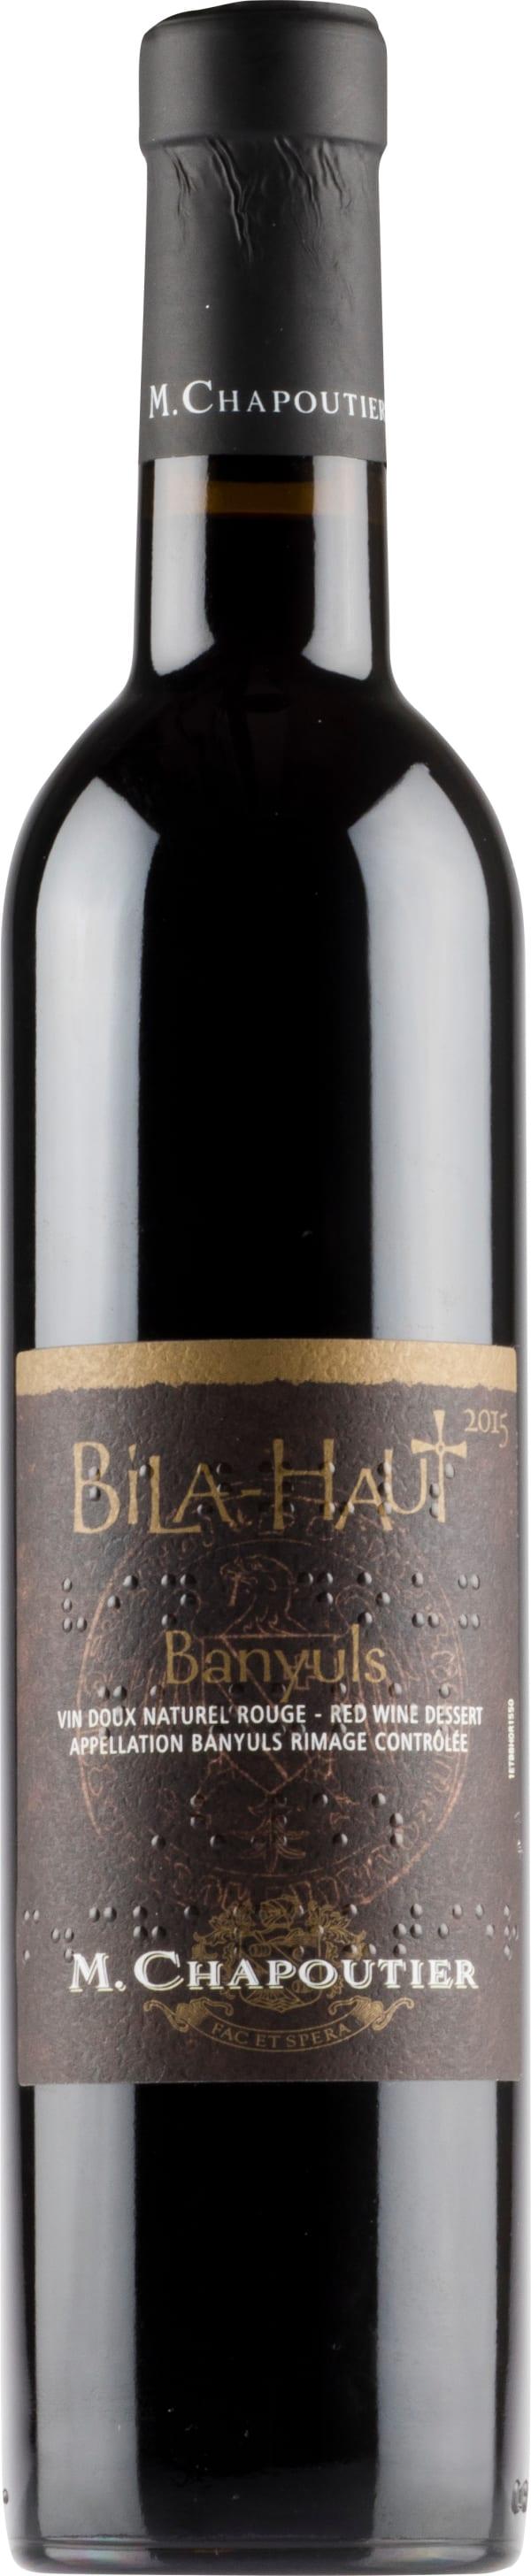 Chapoutier Bila-Haut Banyuls 2016